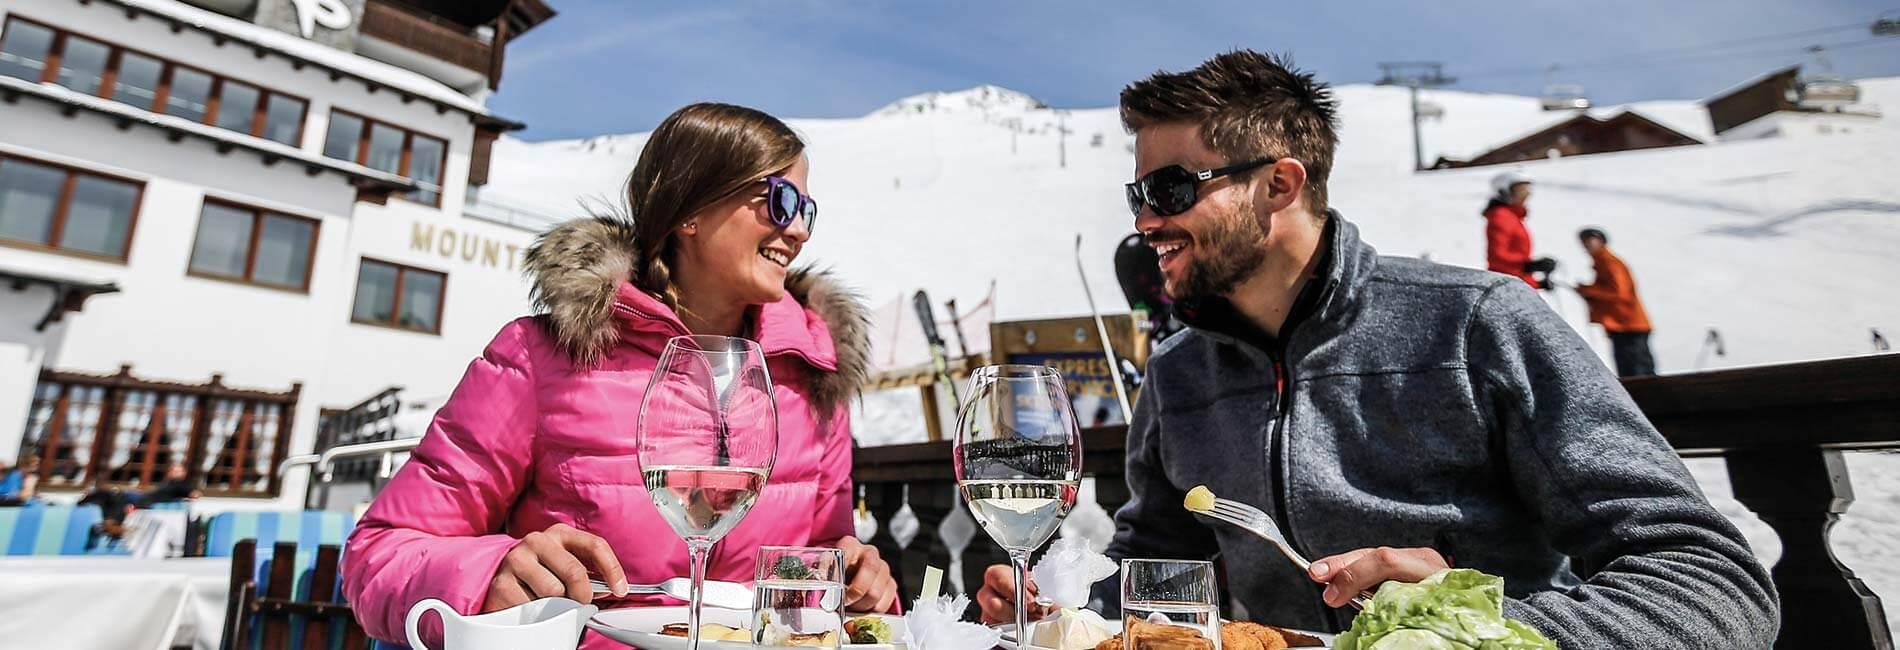 Hüttengaudi Skigebiet Obergurgl Hochgurgl TOP Hotel Hochgurgl Ötztal Tirol